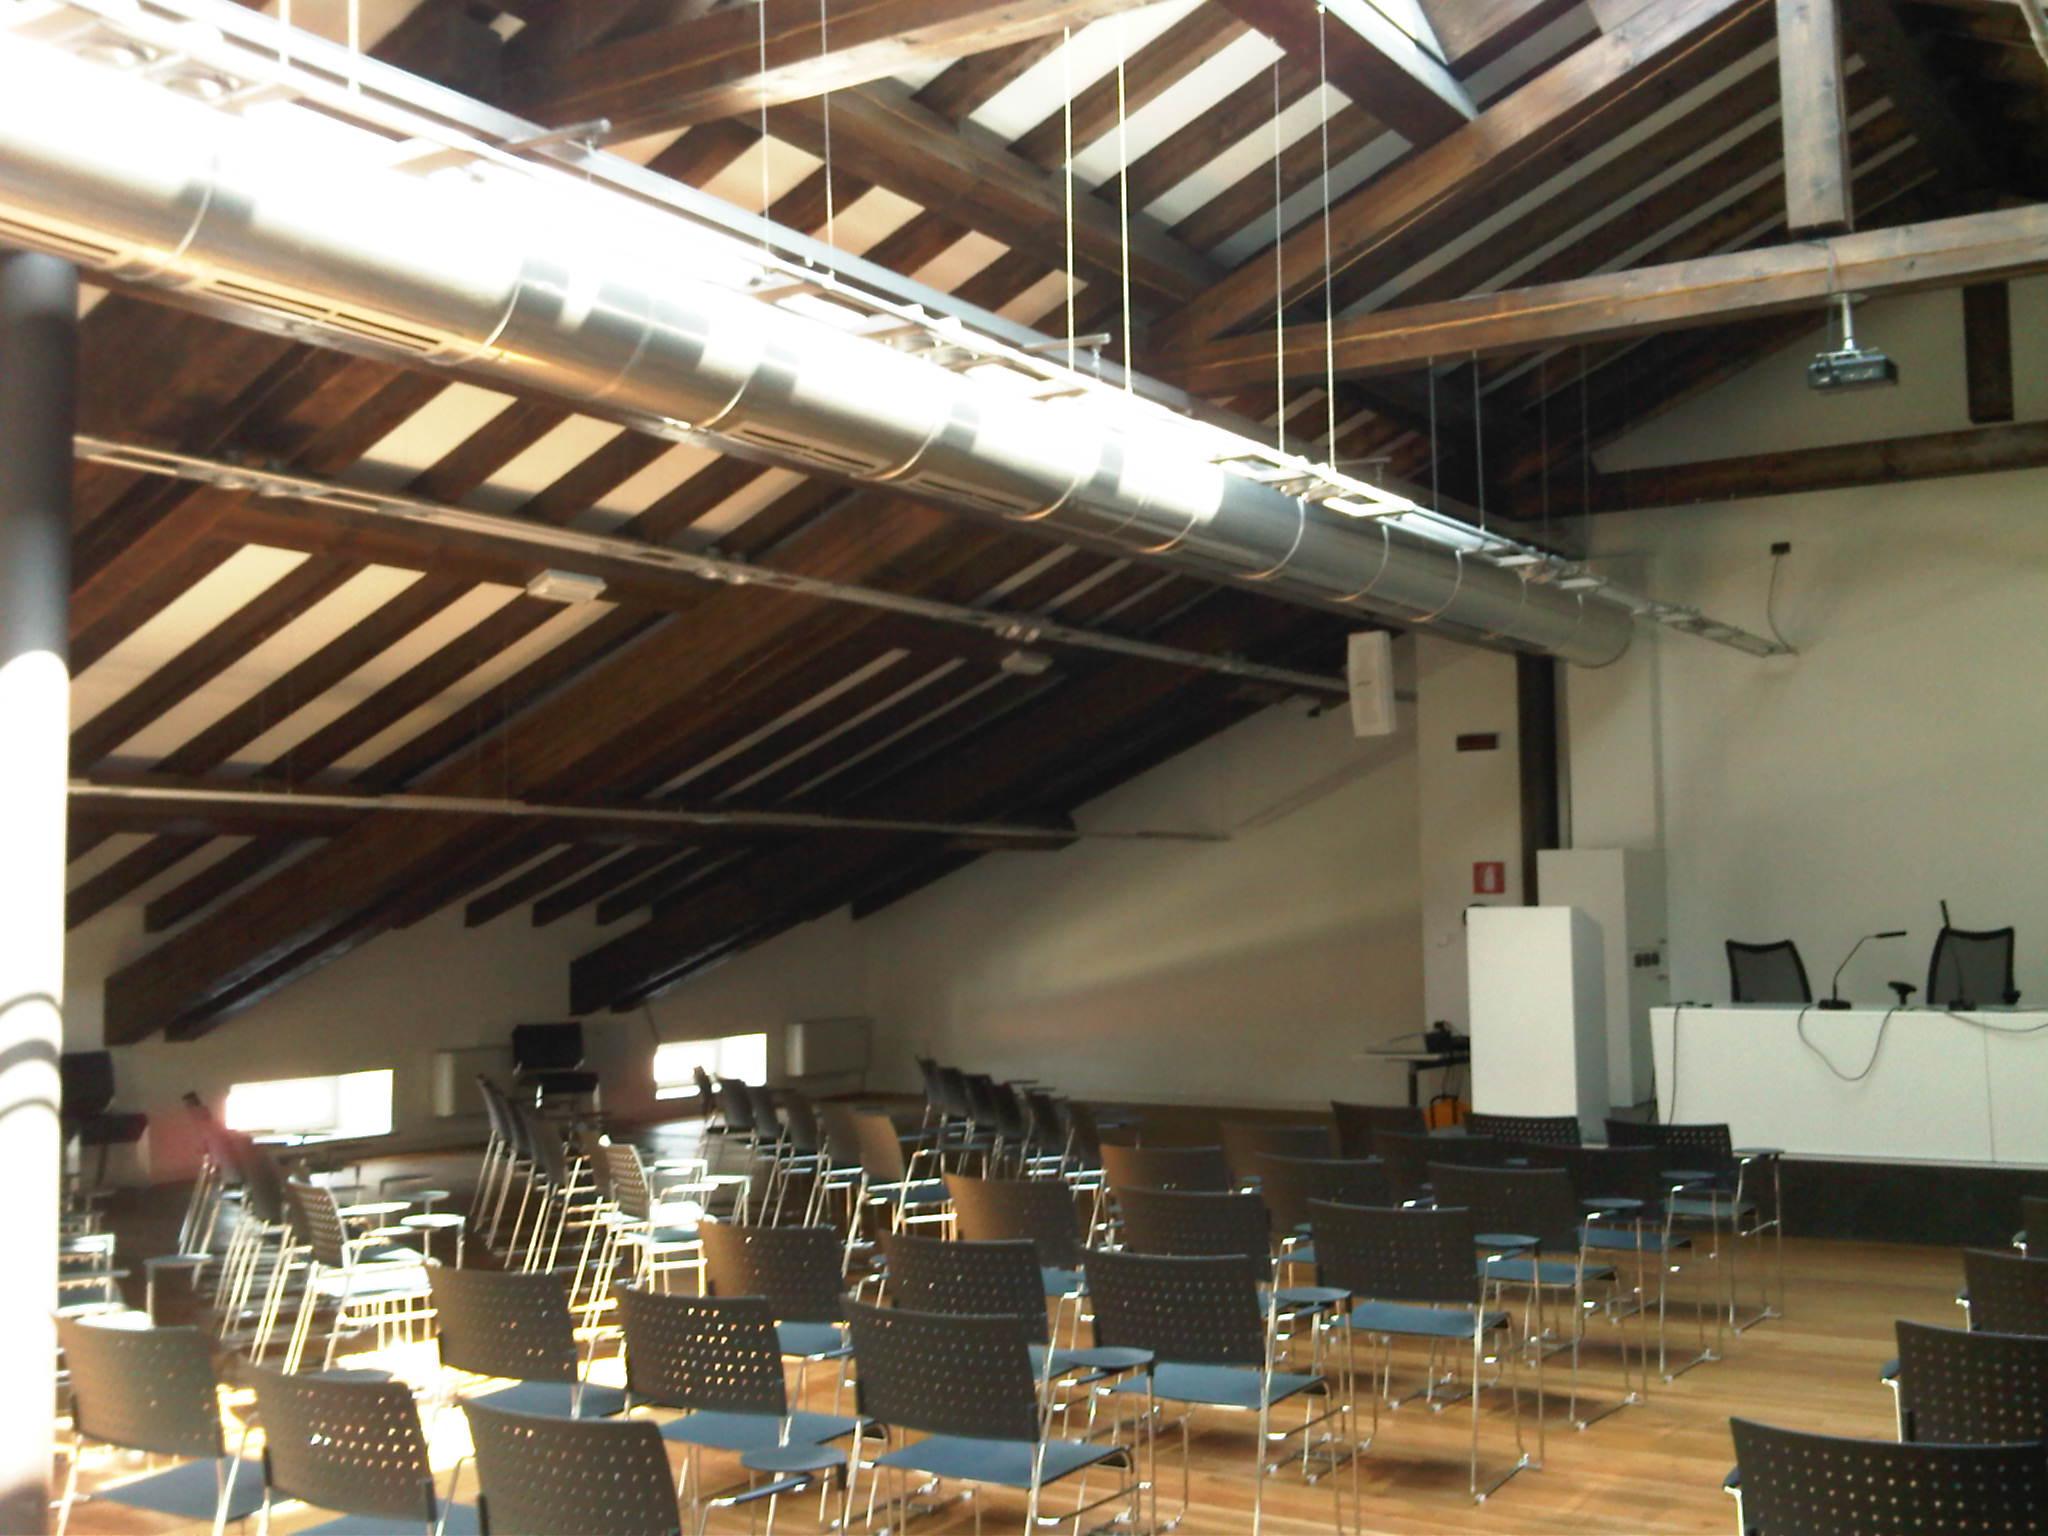 una sala conferenze con delle sedie nere e sopra dei condotti di un impianto